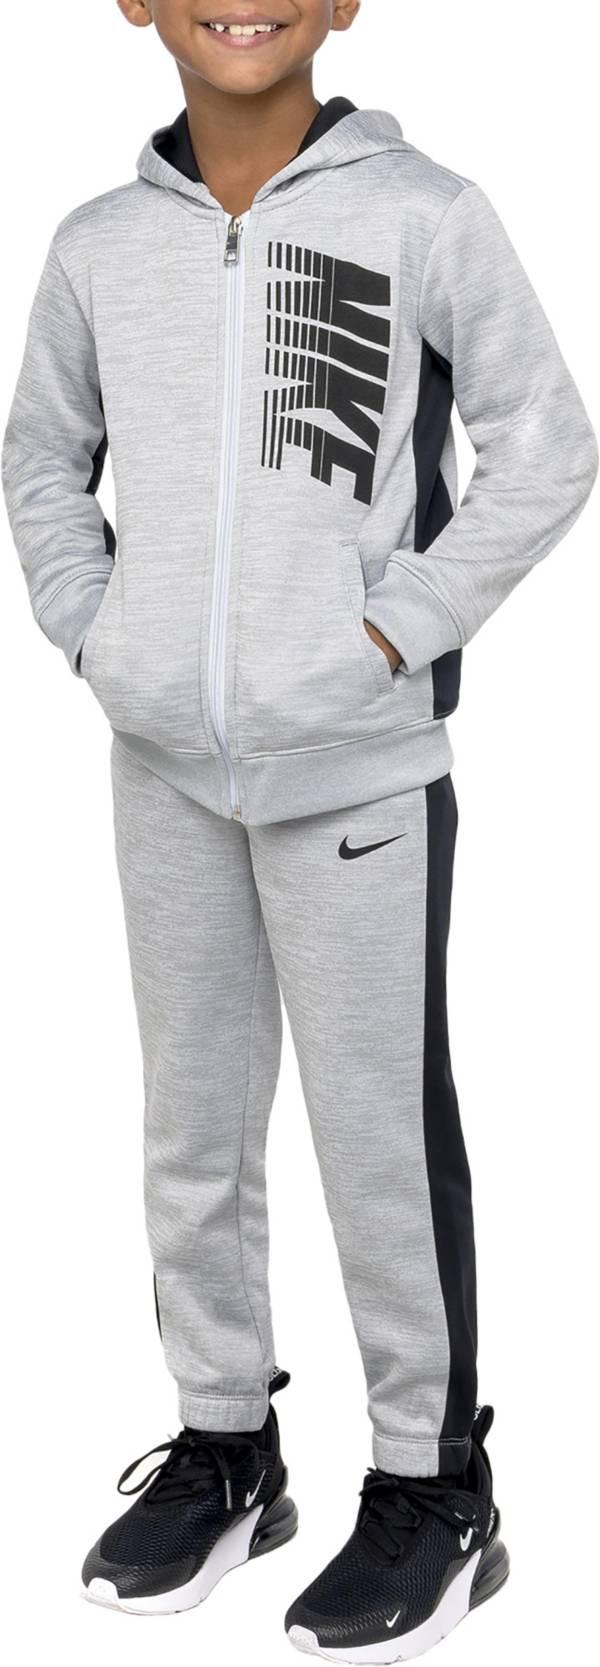 Nike Little Boys' Therma Fleece Zip Hoodie and Pants Set product image